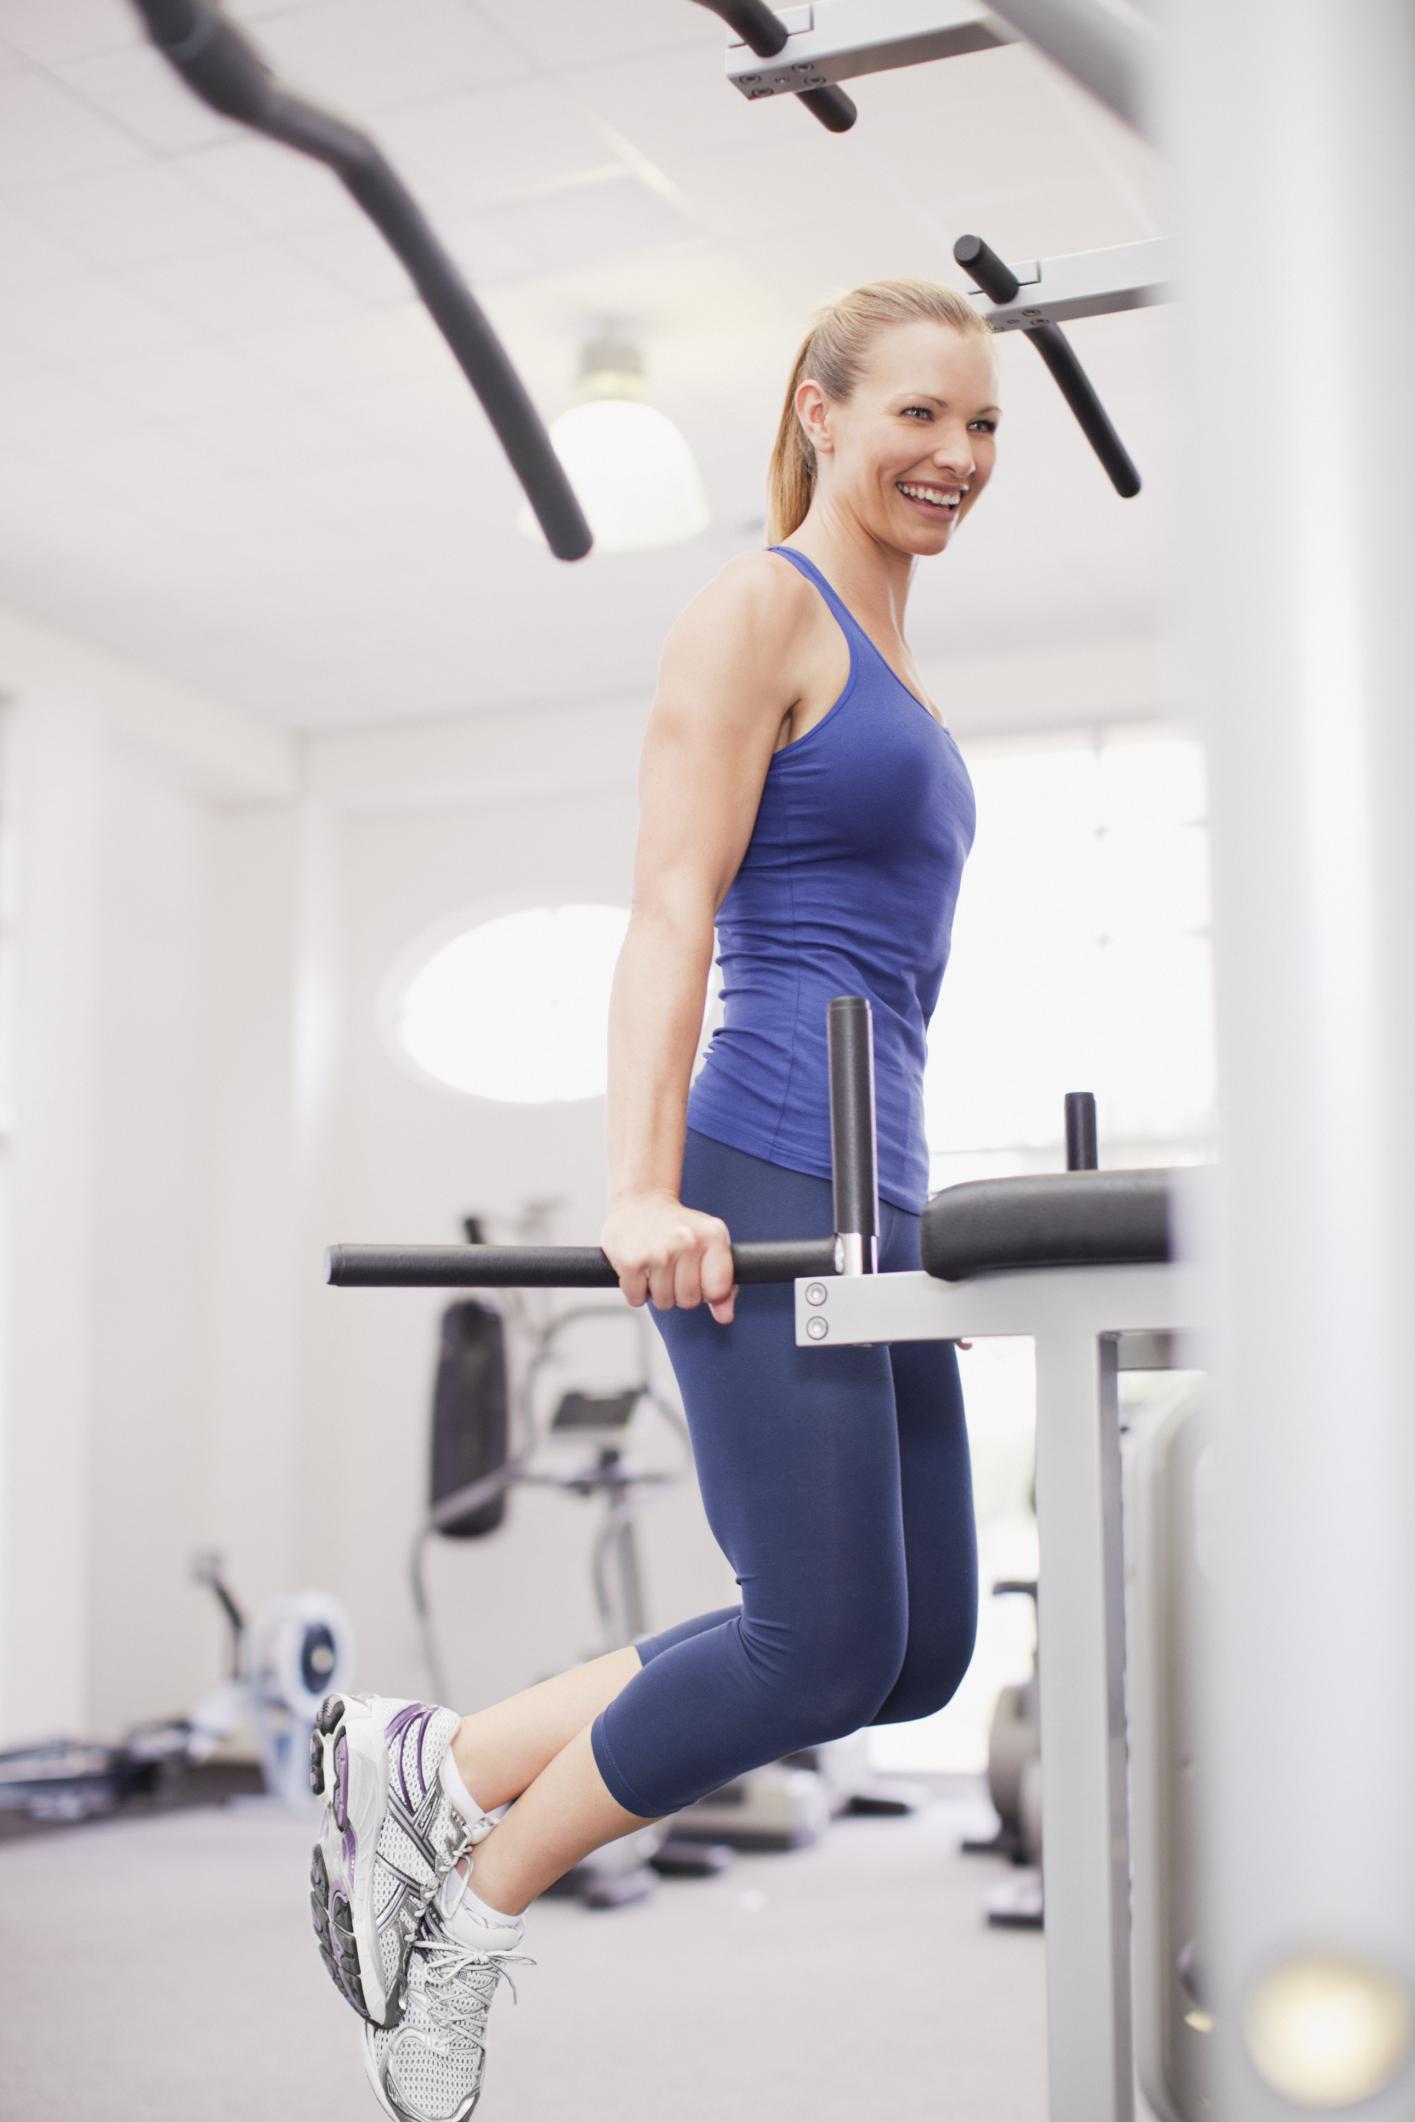 Substitutes For Dip Exercises Chron Com